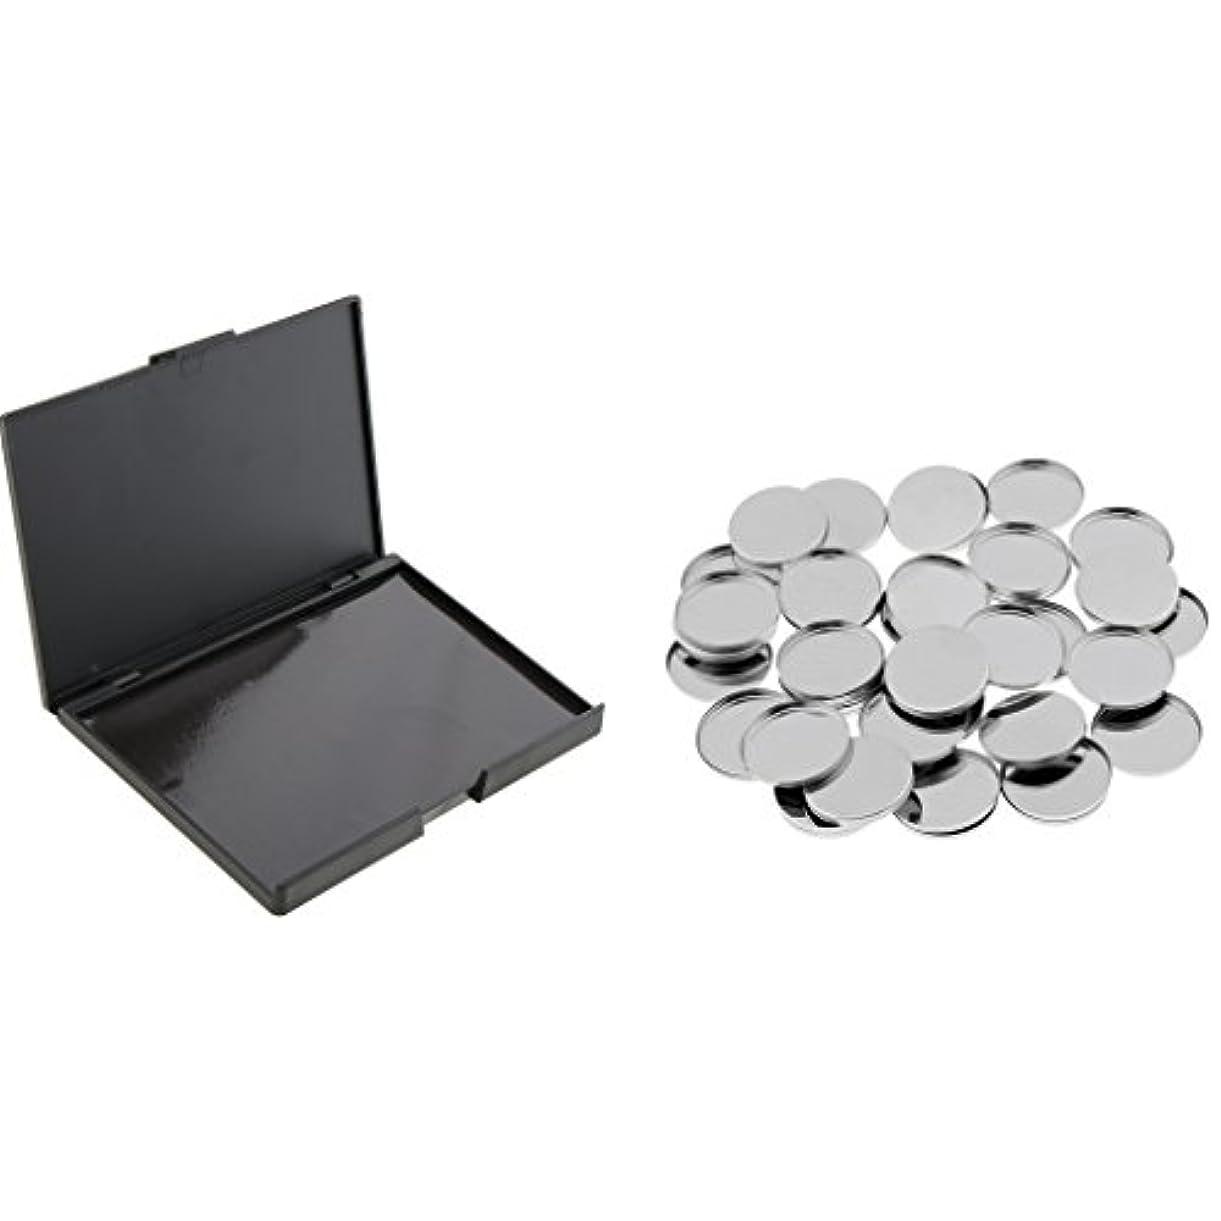 助言樹皮むちゃくちゃ磁気パレットボックス 金属缶 空缶 メタルパン 磁気パレット アイシャドー用 DIY 化粧品